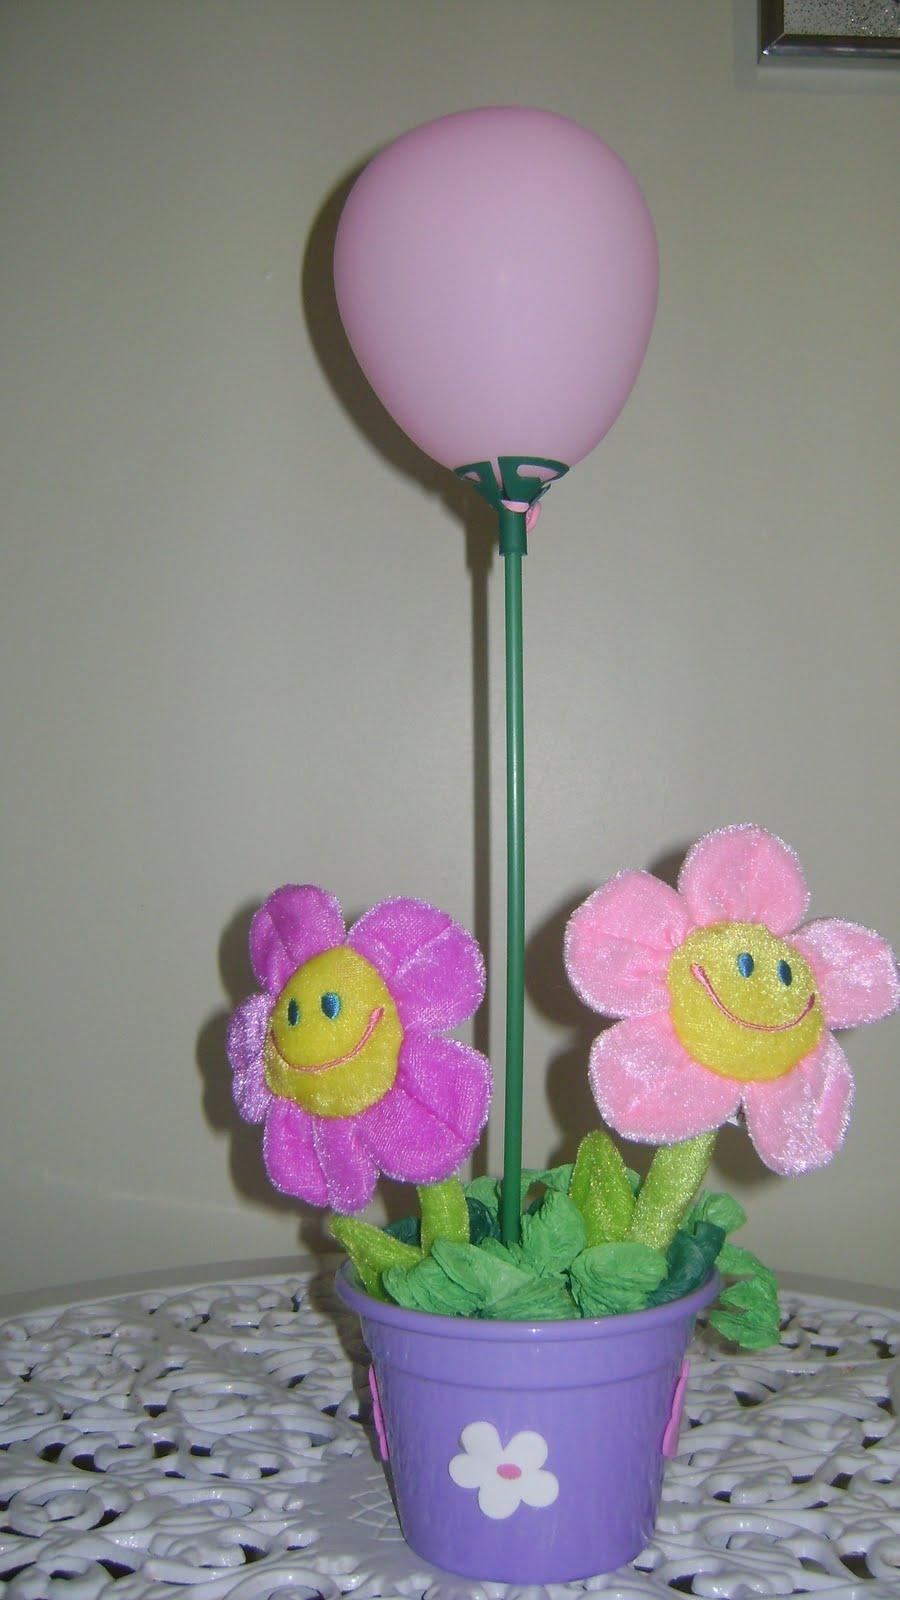 enfeites para festa infantil tema jardim : enfeites para festa infantil tema jardim:Enfeite de mesa – Tema Jardim Encantado/Fifi e os Floriguinhos – R$ 14